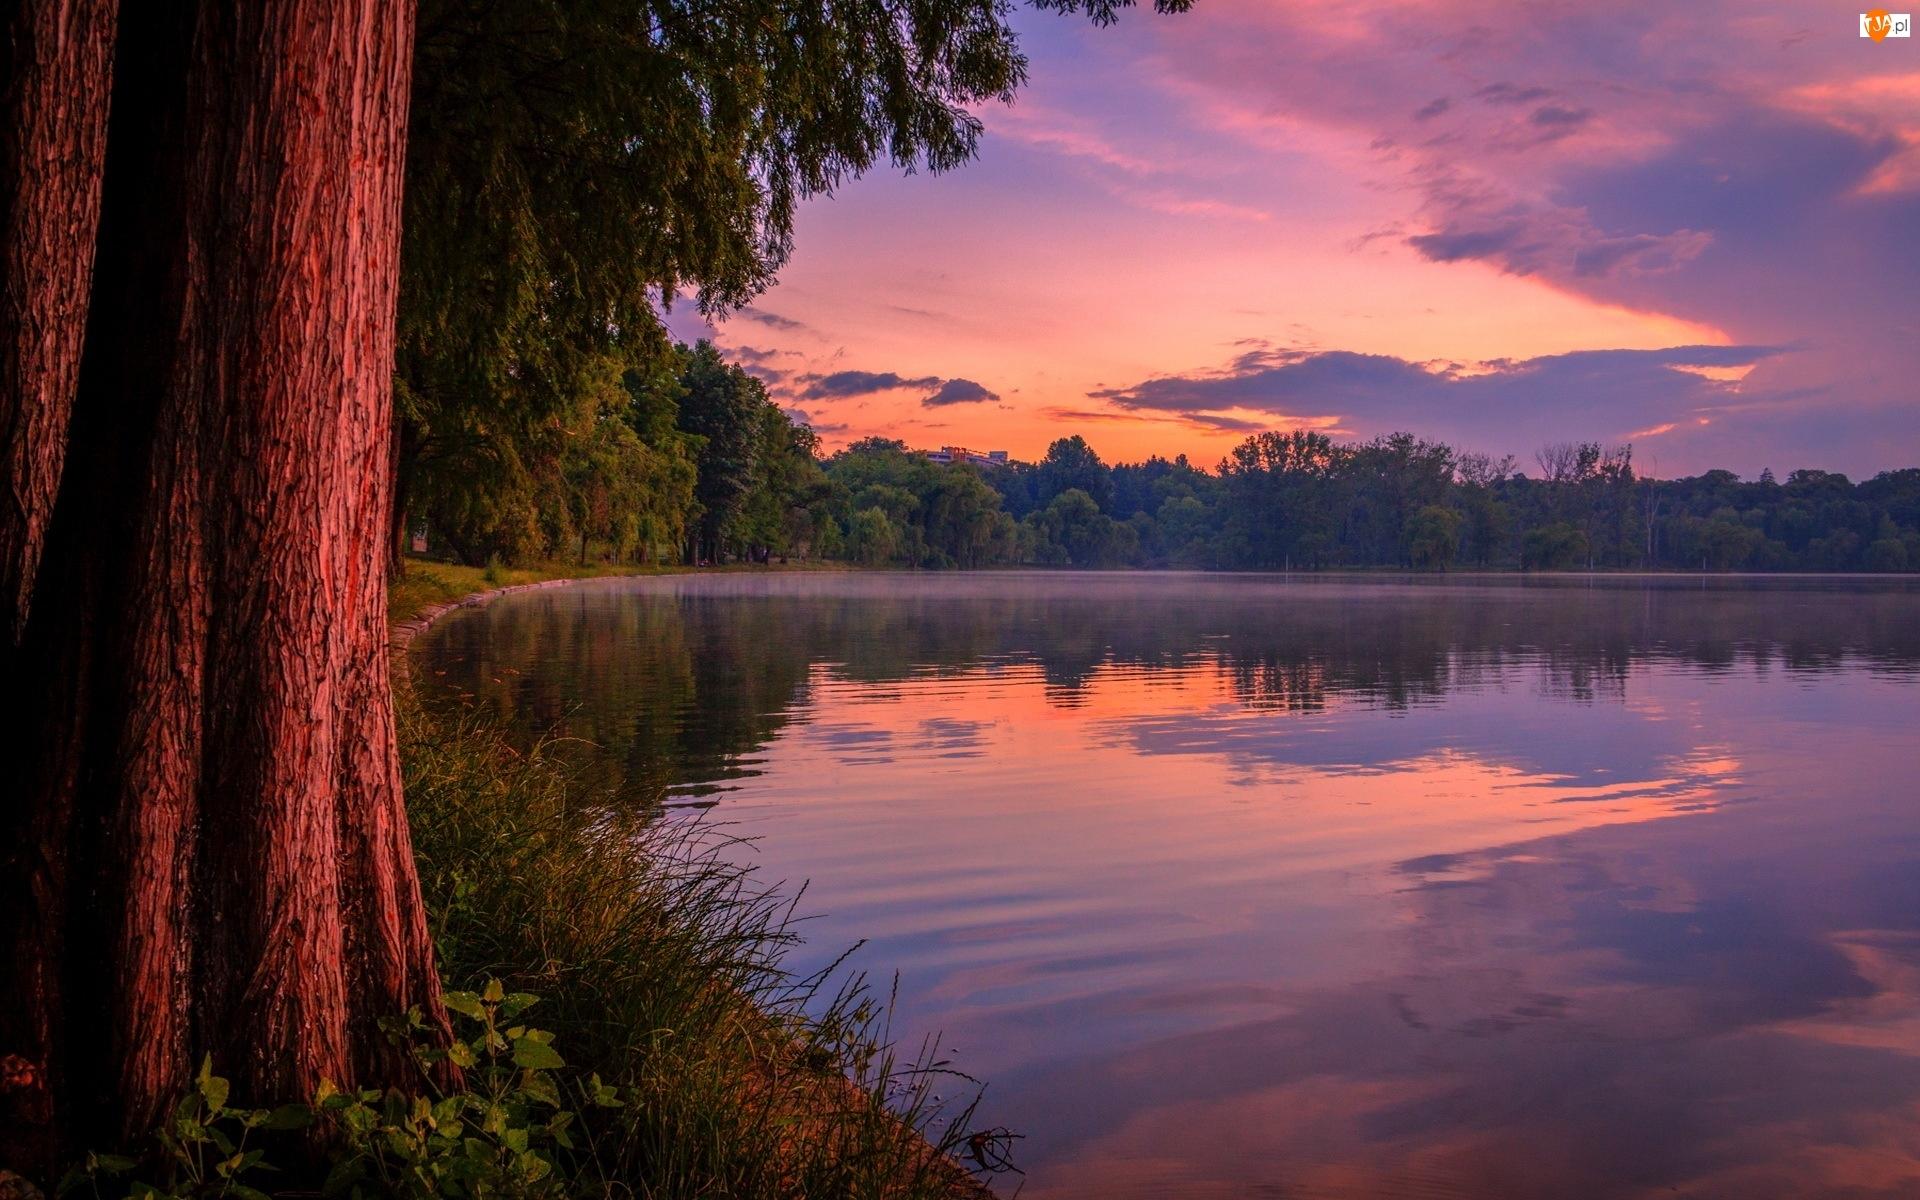 Jezioro, Słońca, Las, Zachód